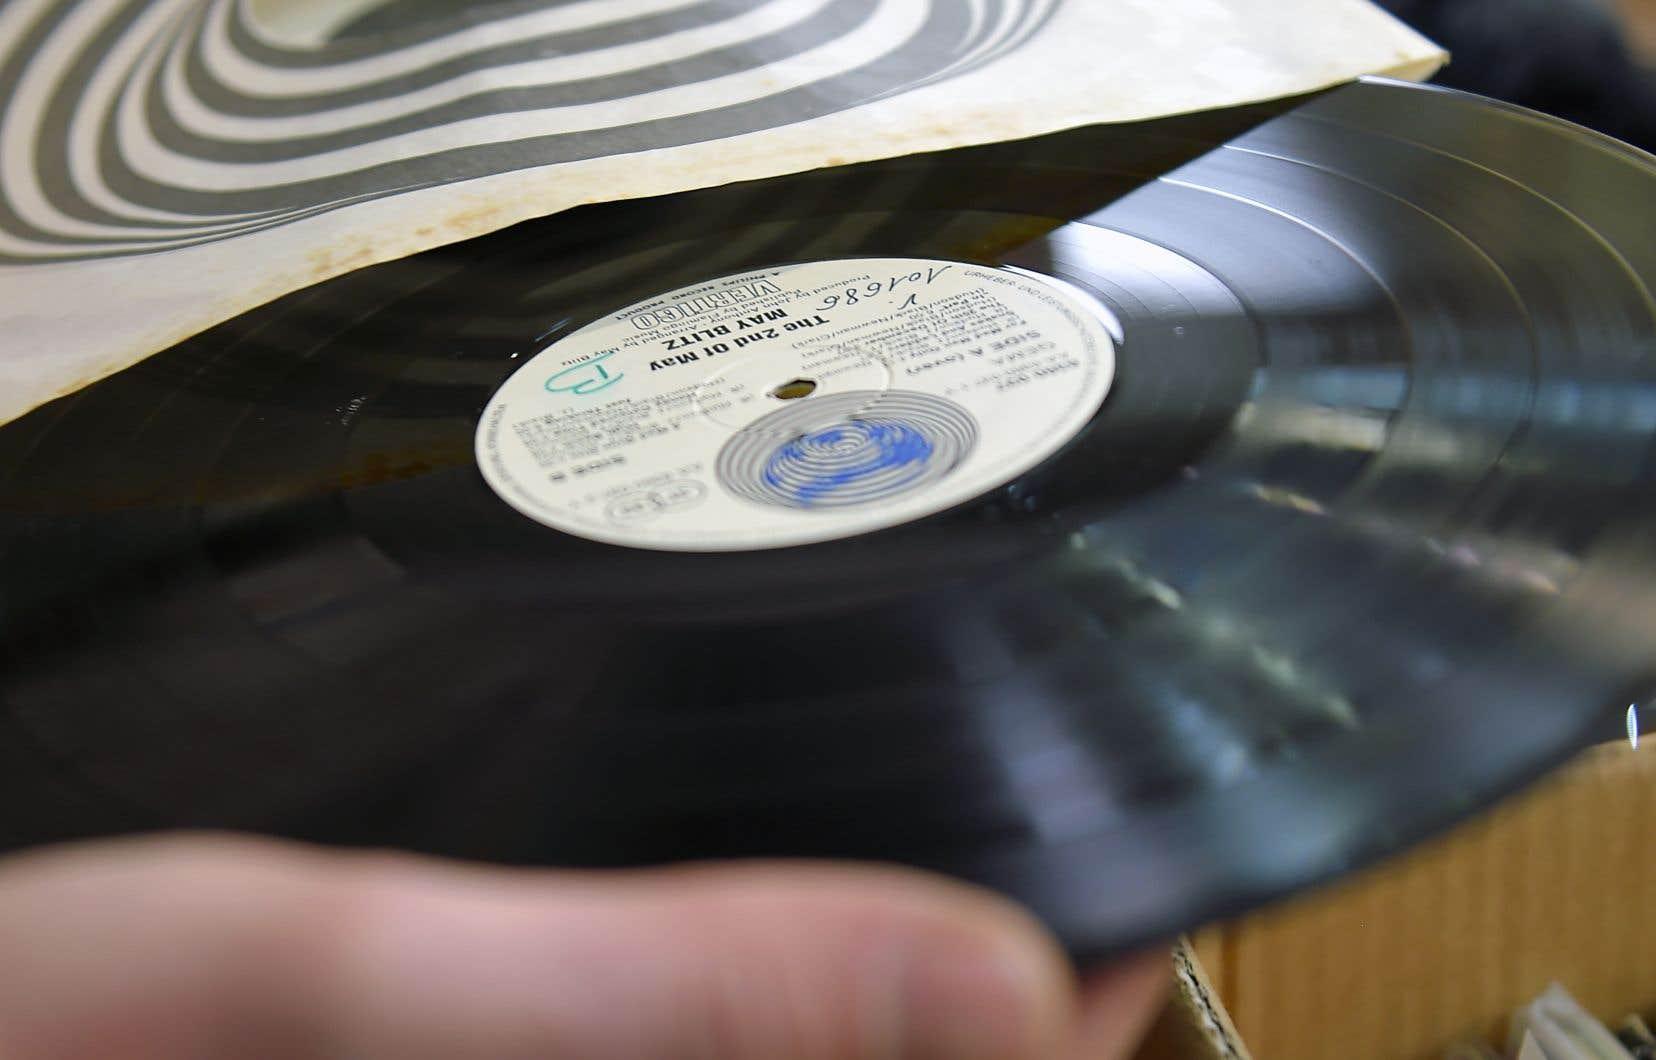 La fin de 2018 a vu se superposer deux nouvelles contradictoires dans le monde des disquaires qui chérissent le format vinyle.